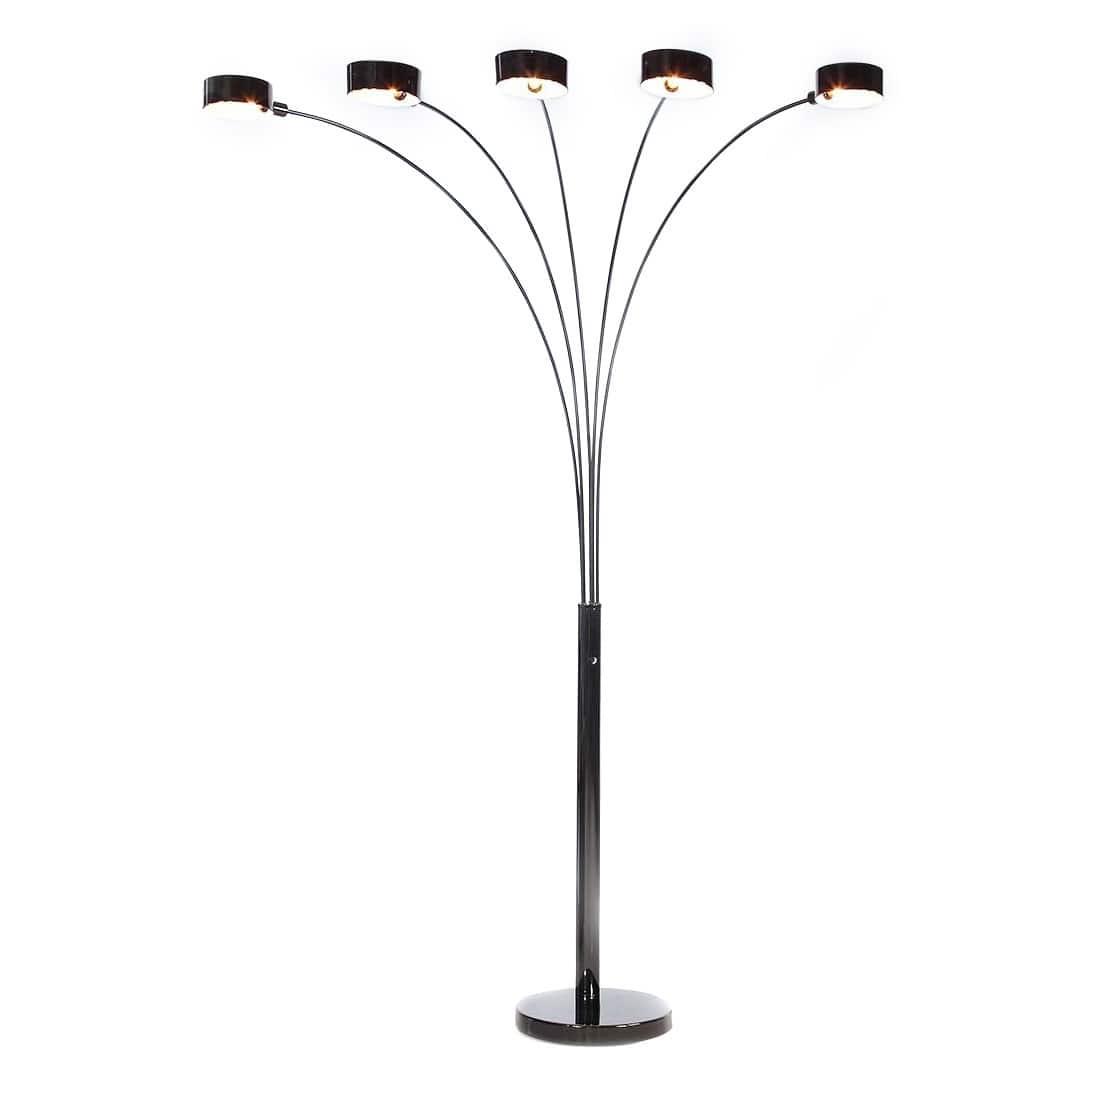 Buy Floor Lamps Online At Overstock.com